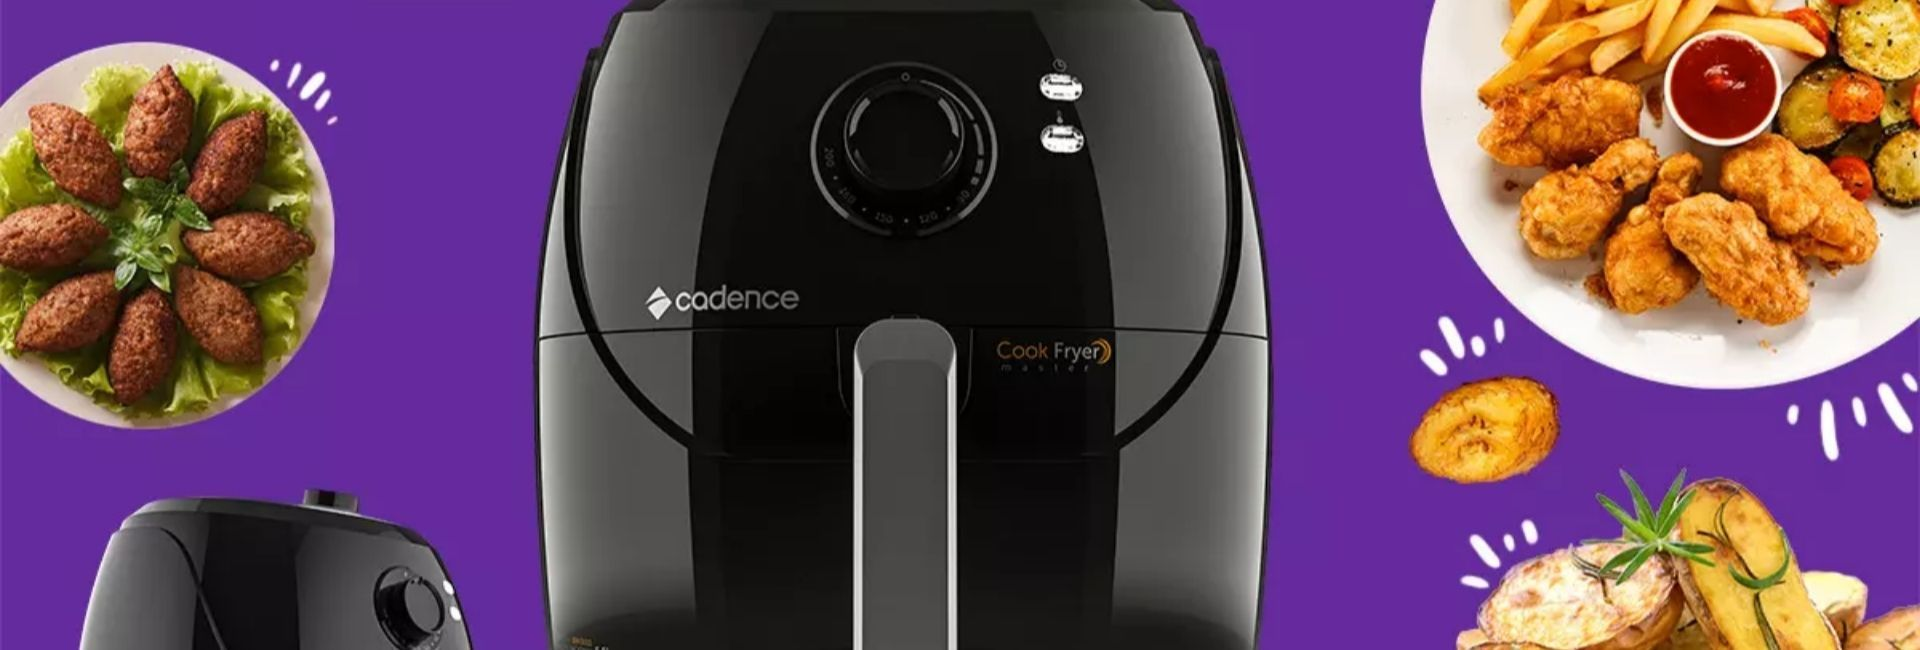 Airfryer Cadence é boa? Veja preço de 5 modelos diferentes